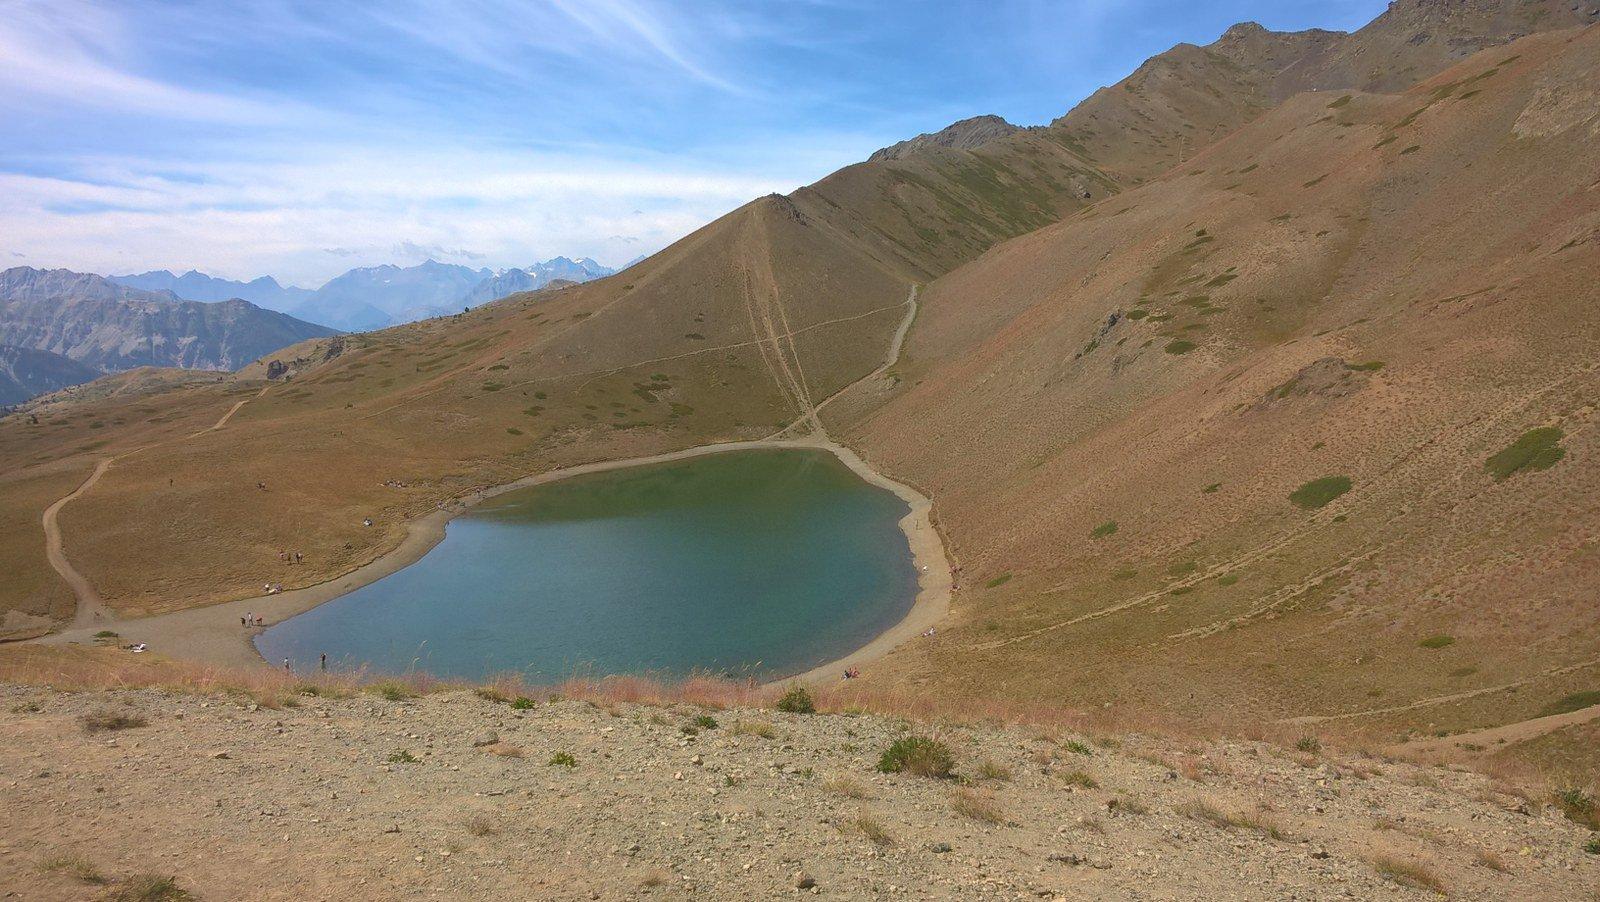 Il lago andando verso la Valle Gimont